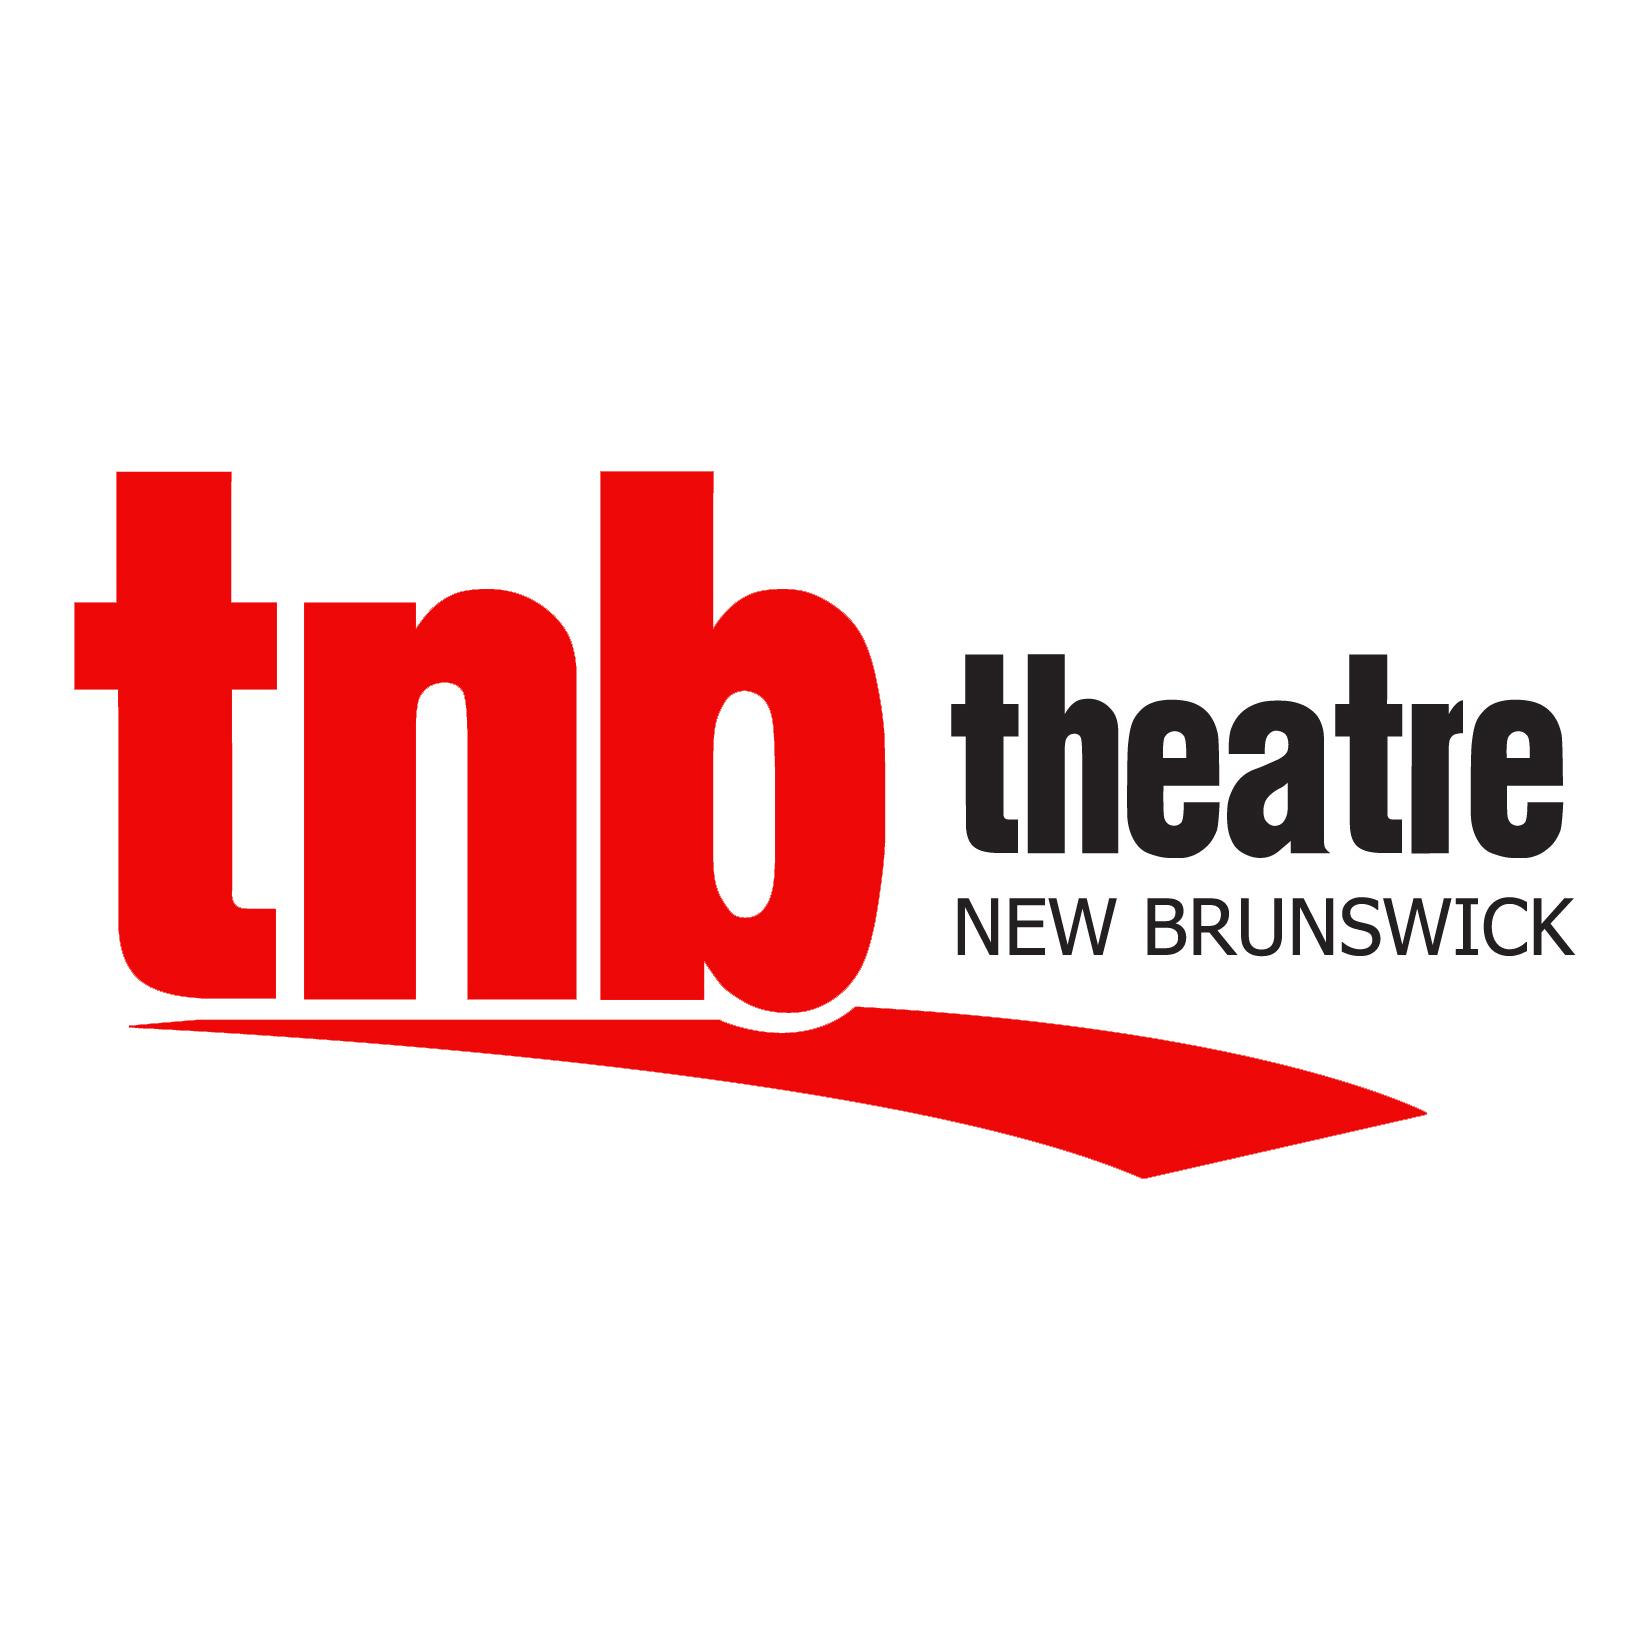 Theatre new brunswick weblogog publicscrutiny Images